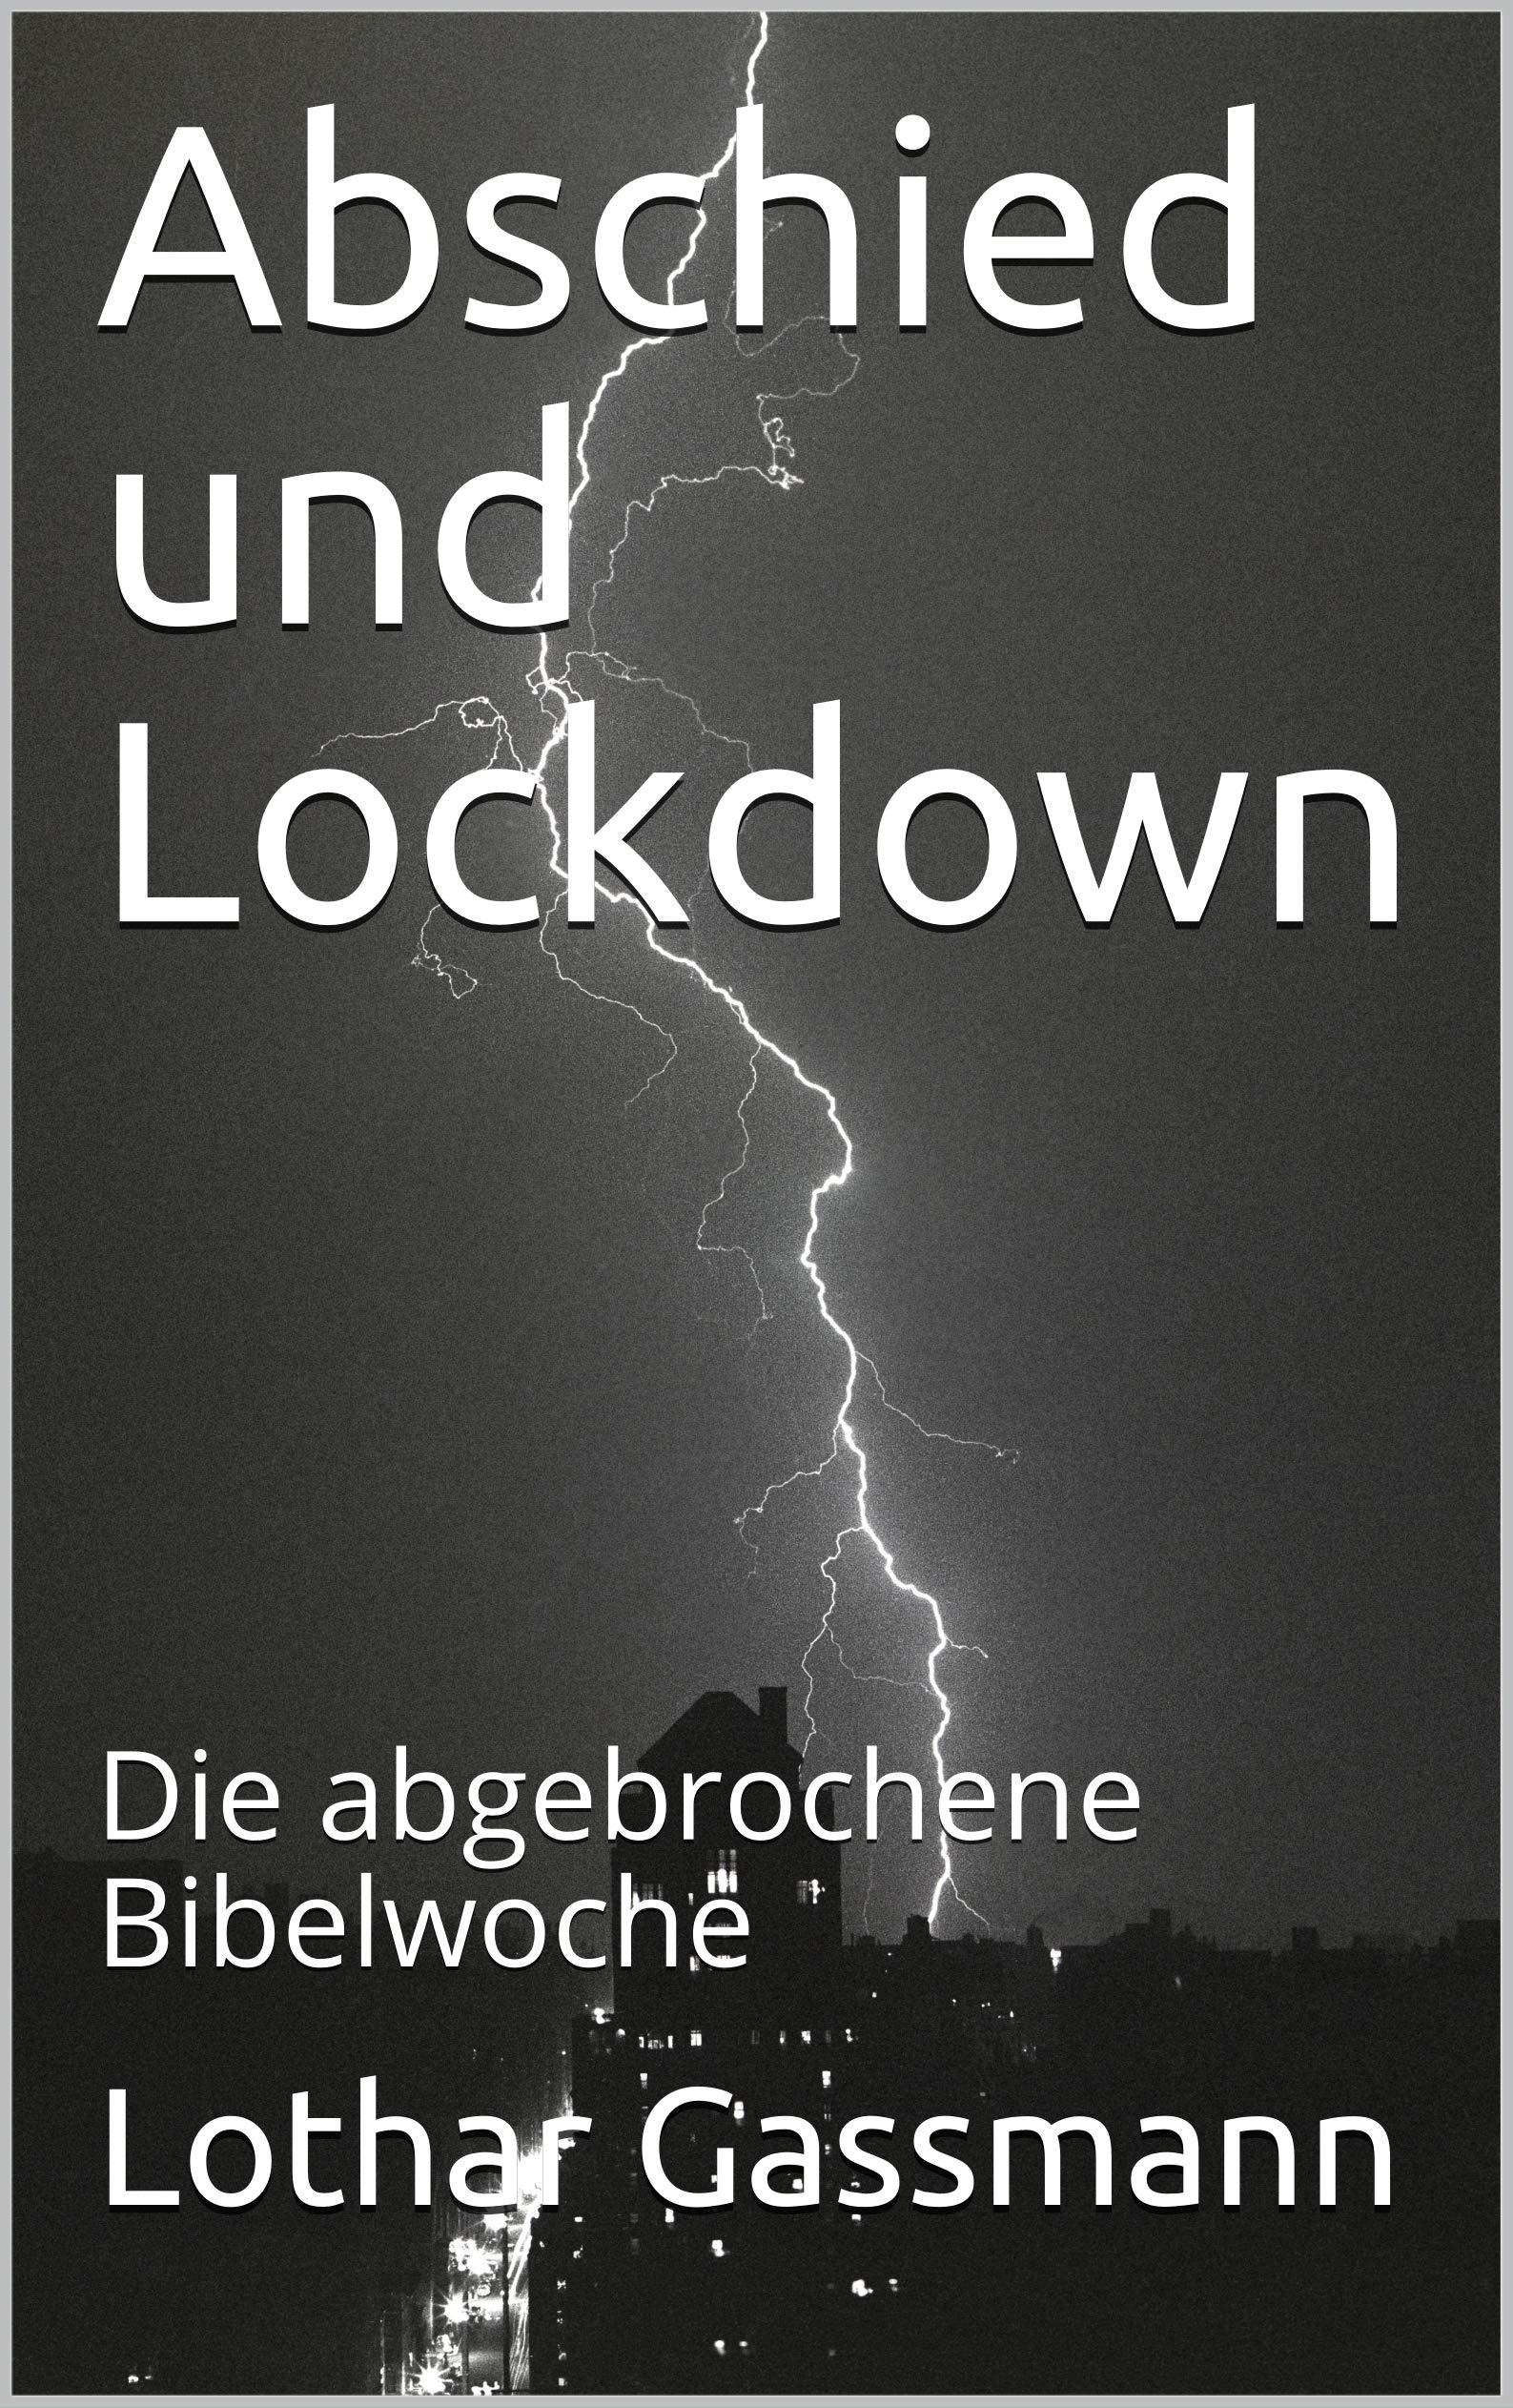 Abschied und Lockdown: Die abgebrochene Bibelwoche